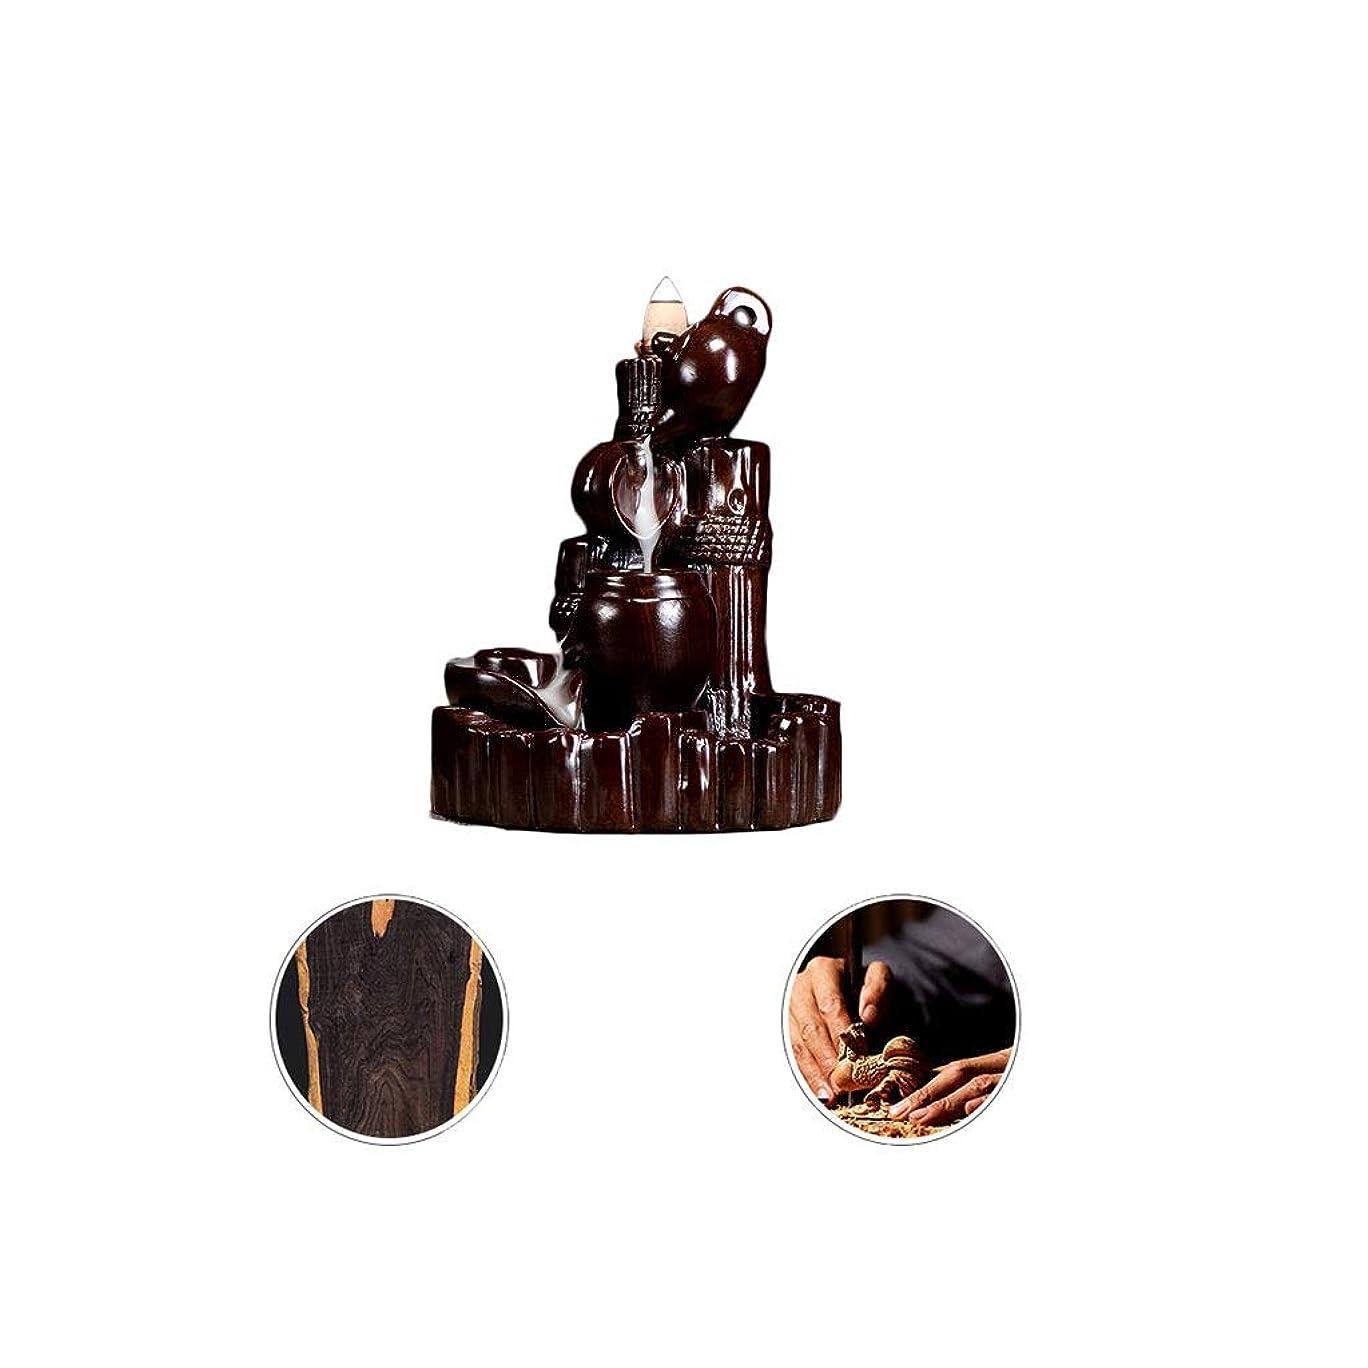 疲労借りるエッセイホームアロマバーナー 逆流香新古典香炉木製黒檀香バーナーアロマテラピー炉 アロマバーナー (Color : Black and ebony)